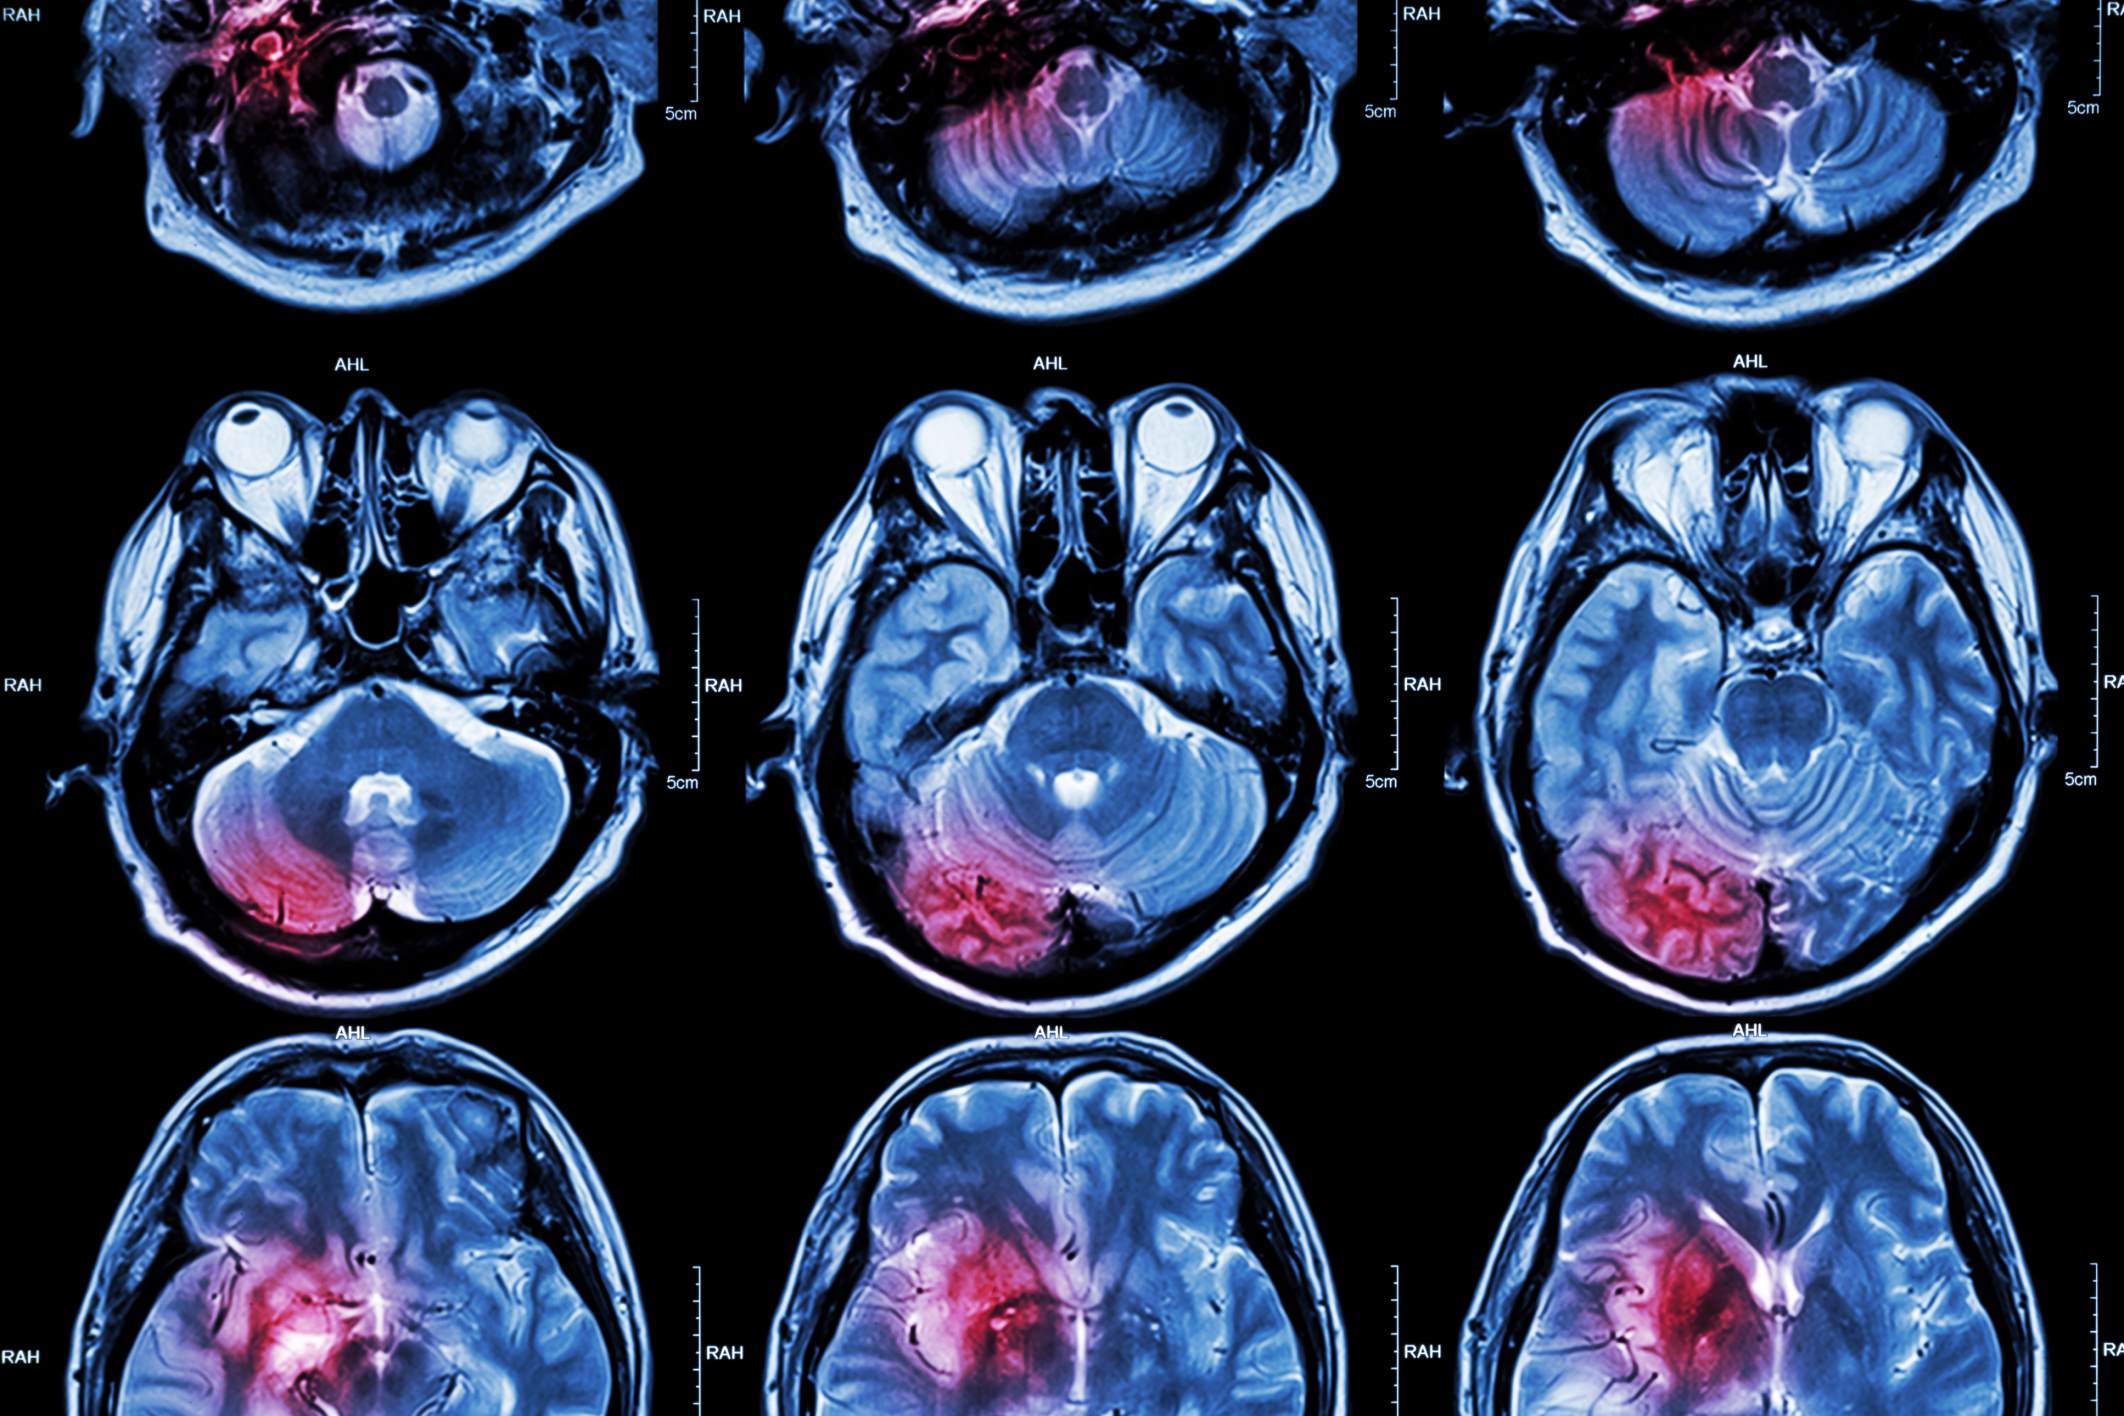 Stroke vs. Multiple sclerosis